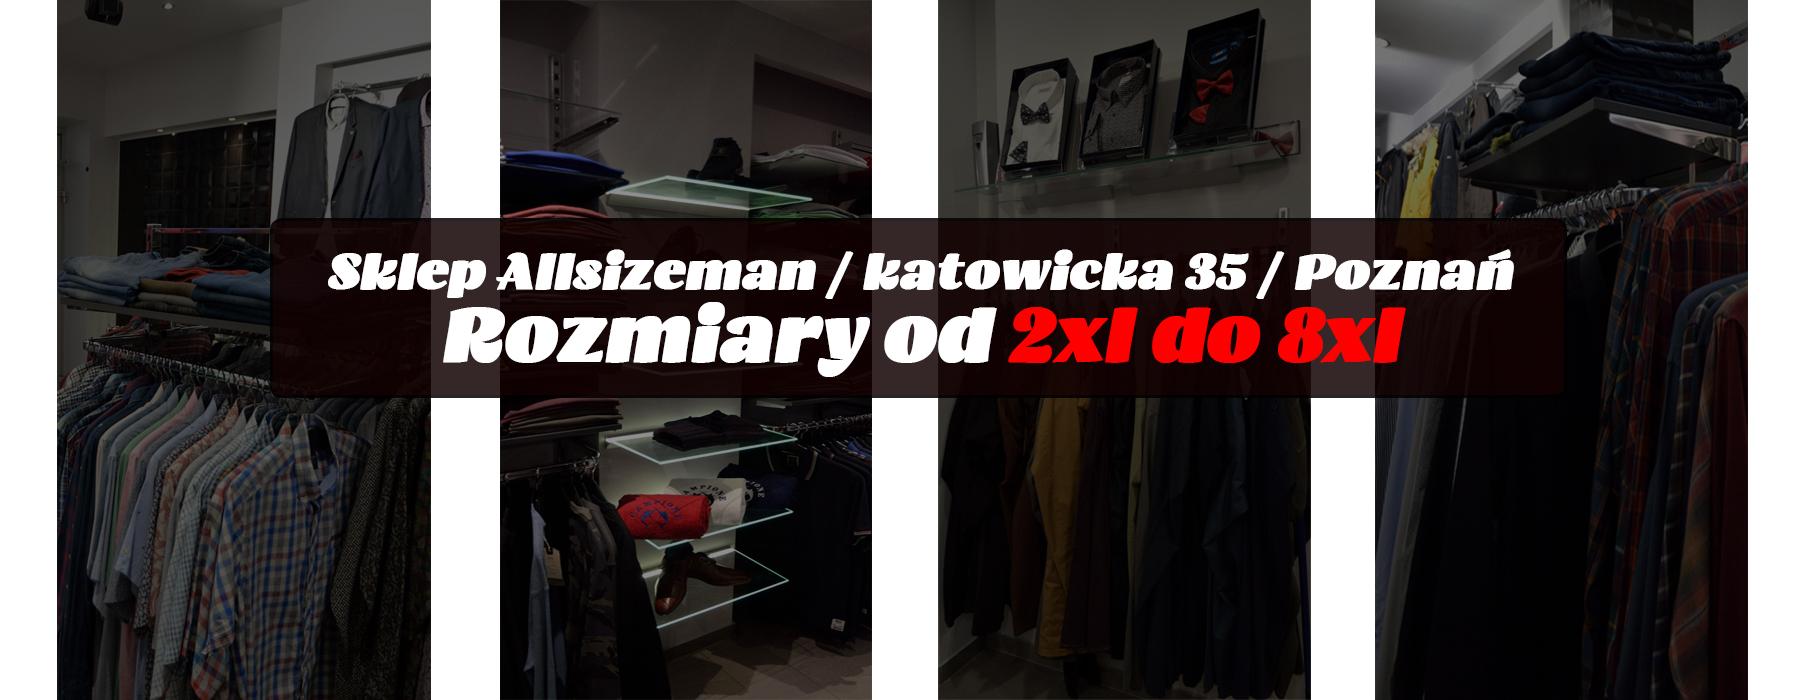 23c2db2e1b Markowa odzież męska w dużych rozmiarach